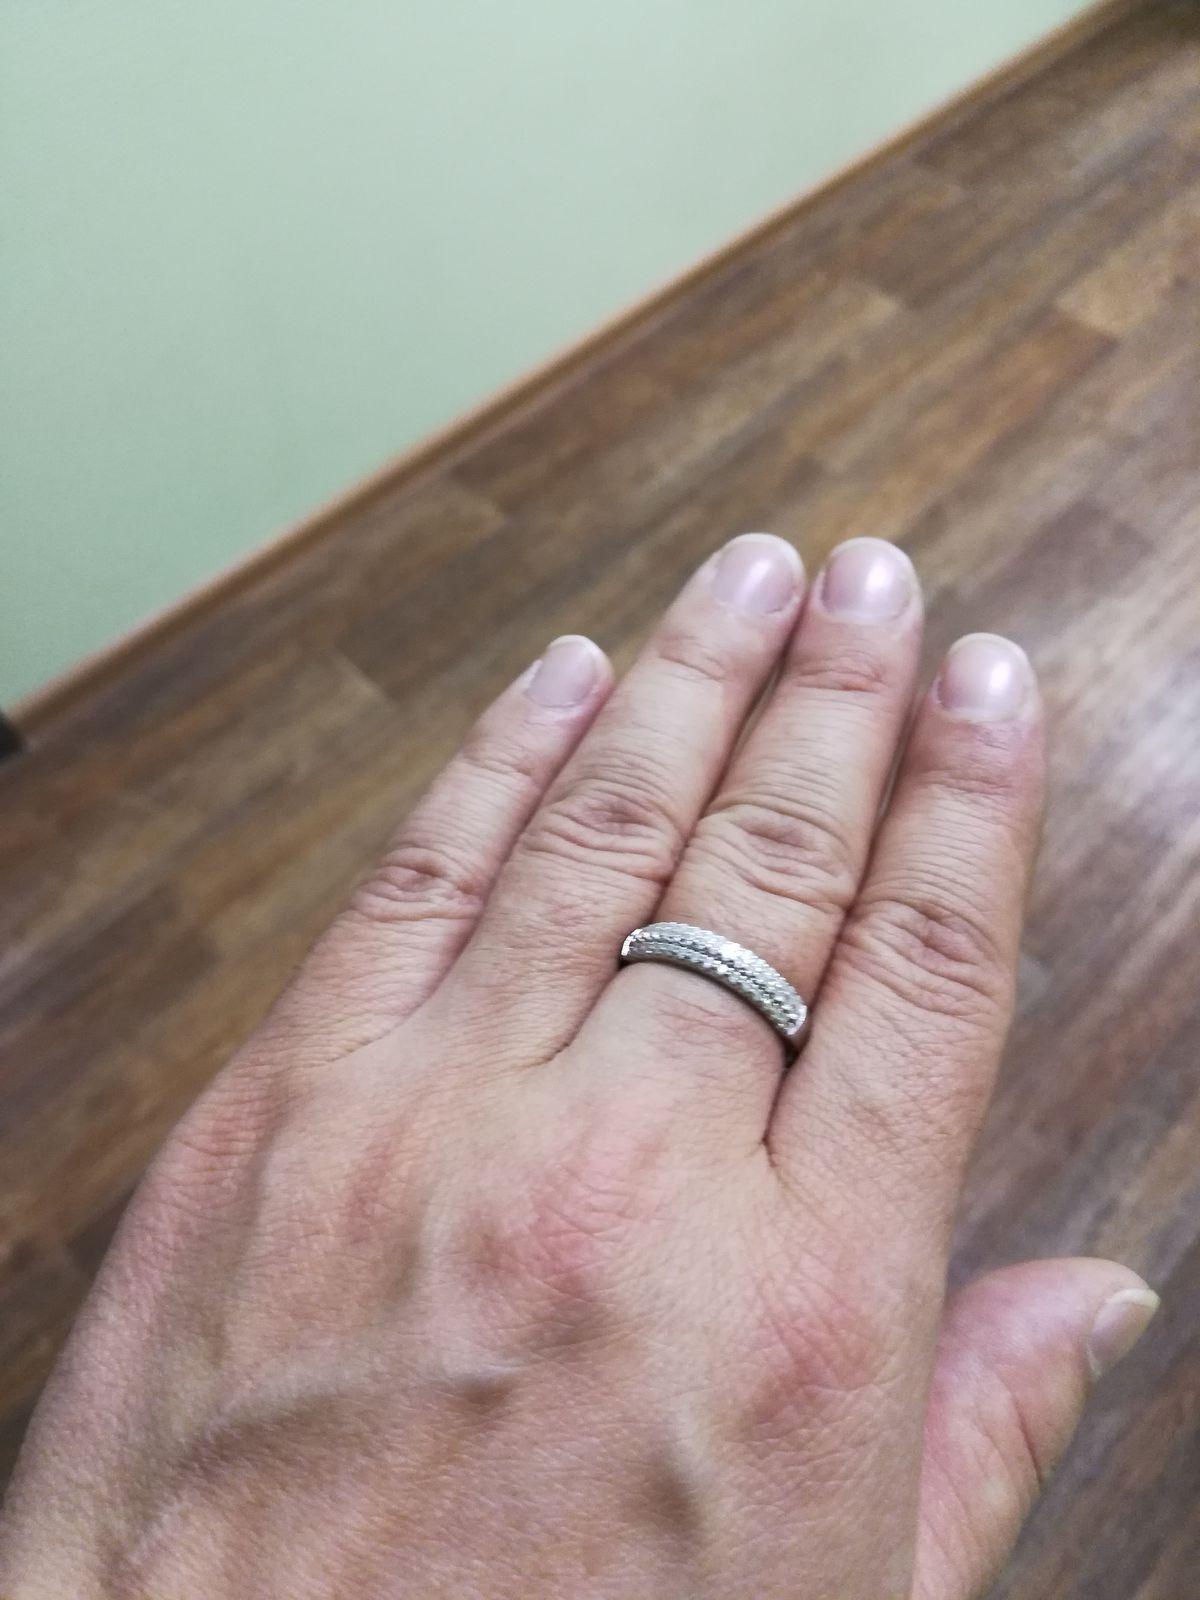 Обворожительное кольцо 💍